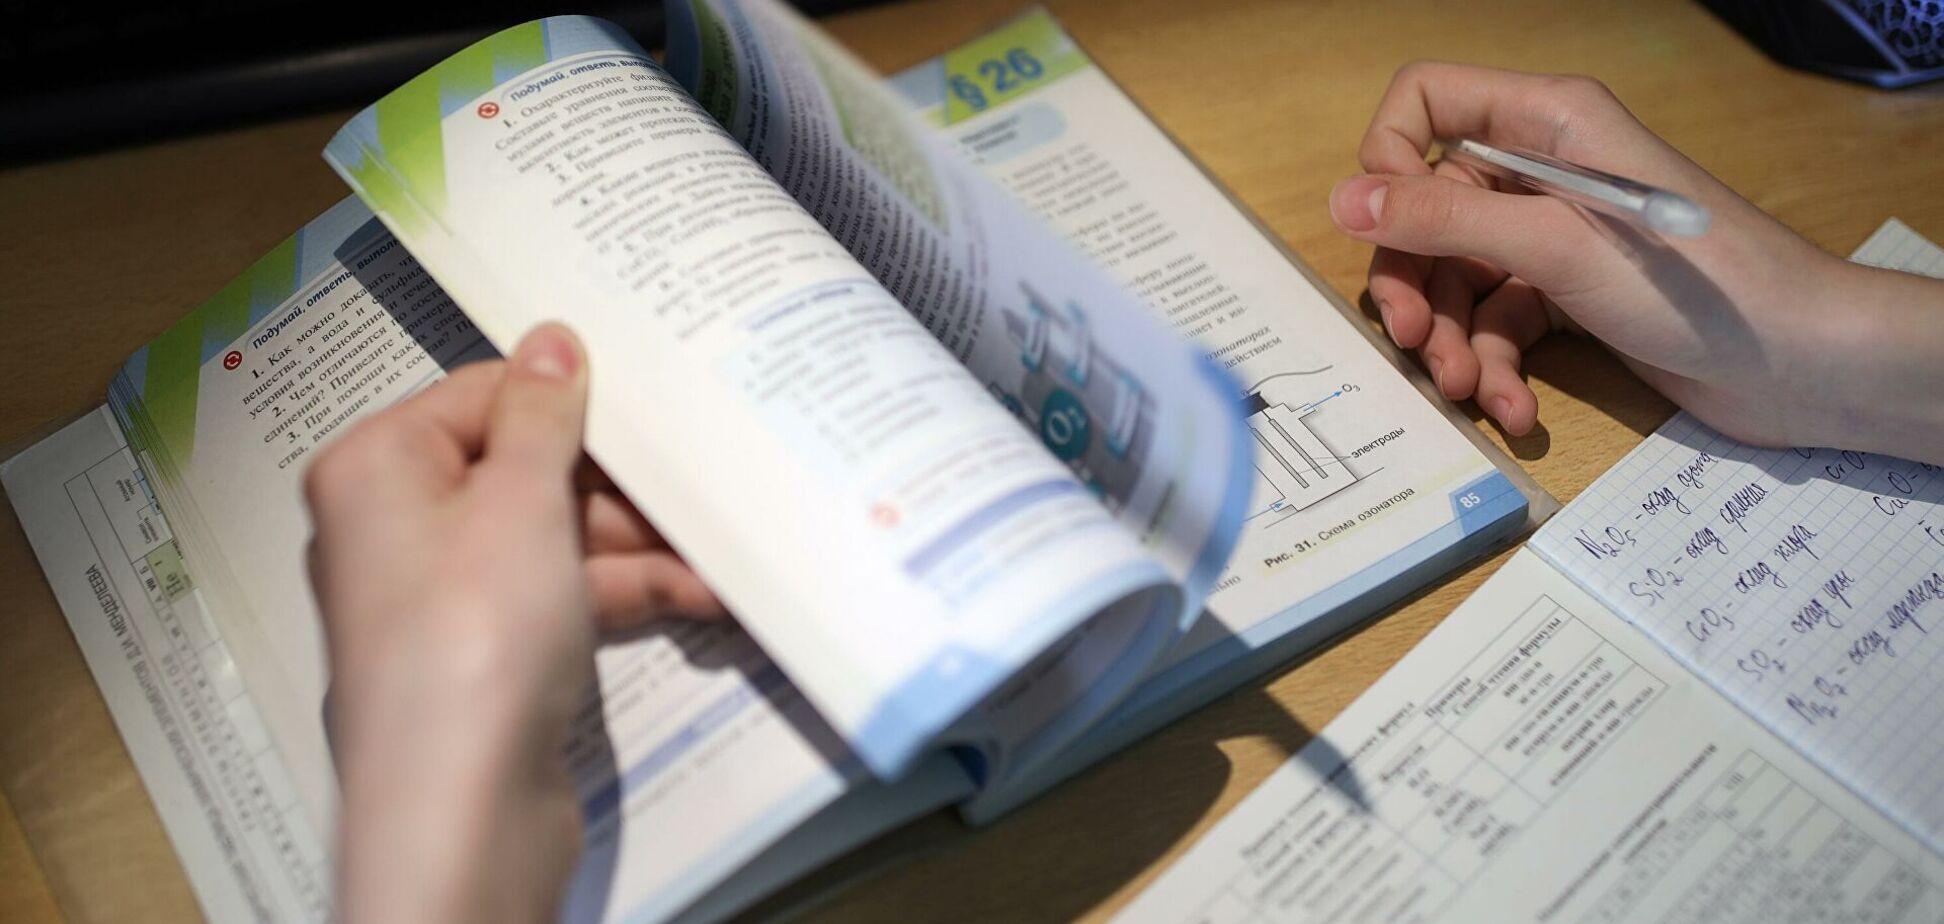 В учебнике по химии нашли псевдонаучные ляпы